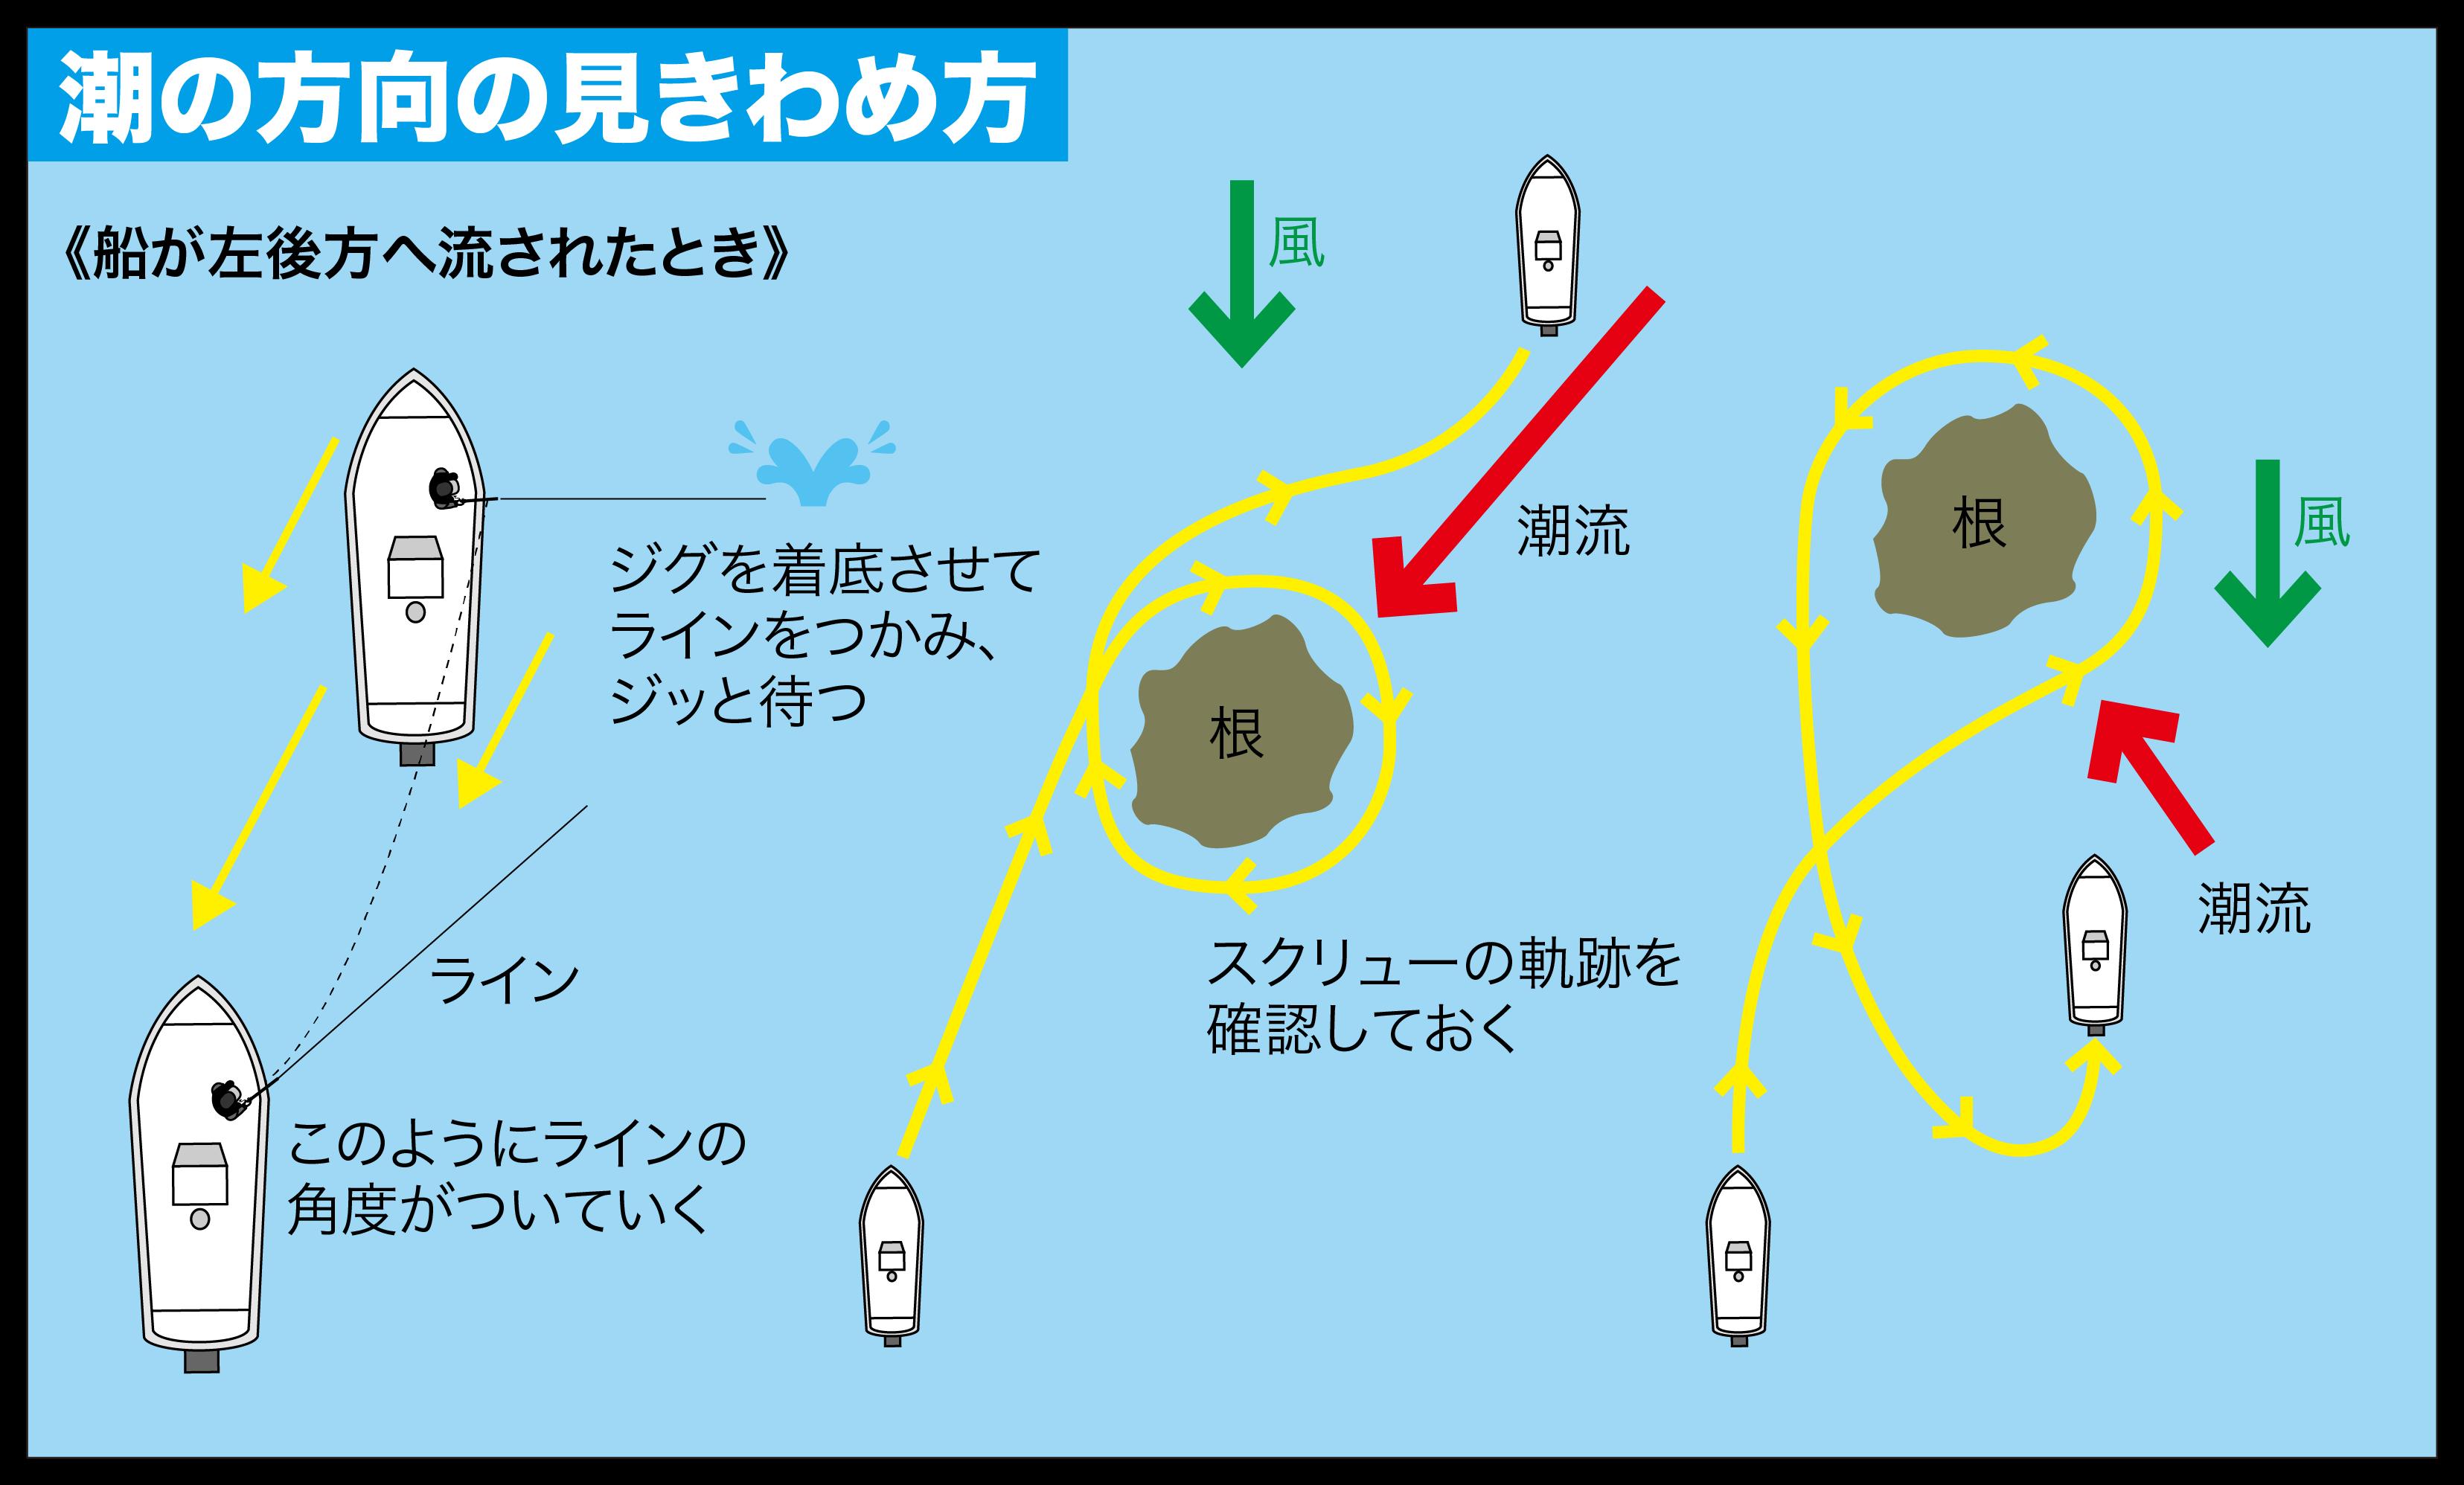 スロー系ジギング 風 潮流2